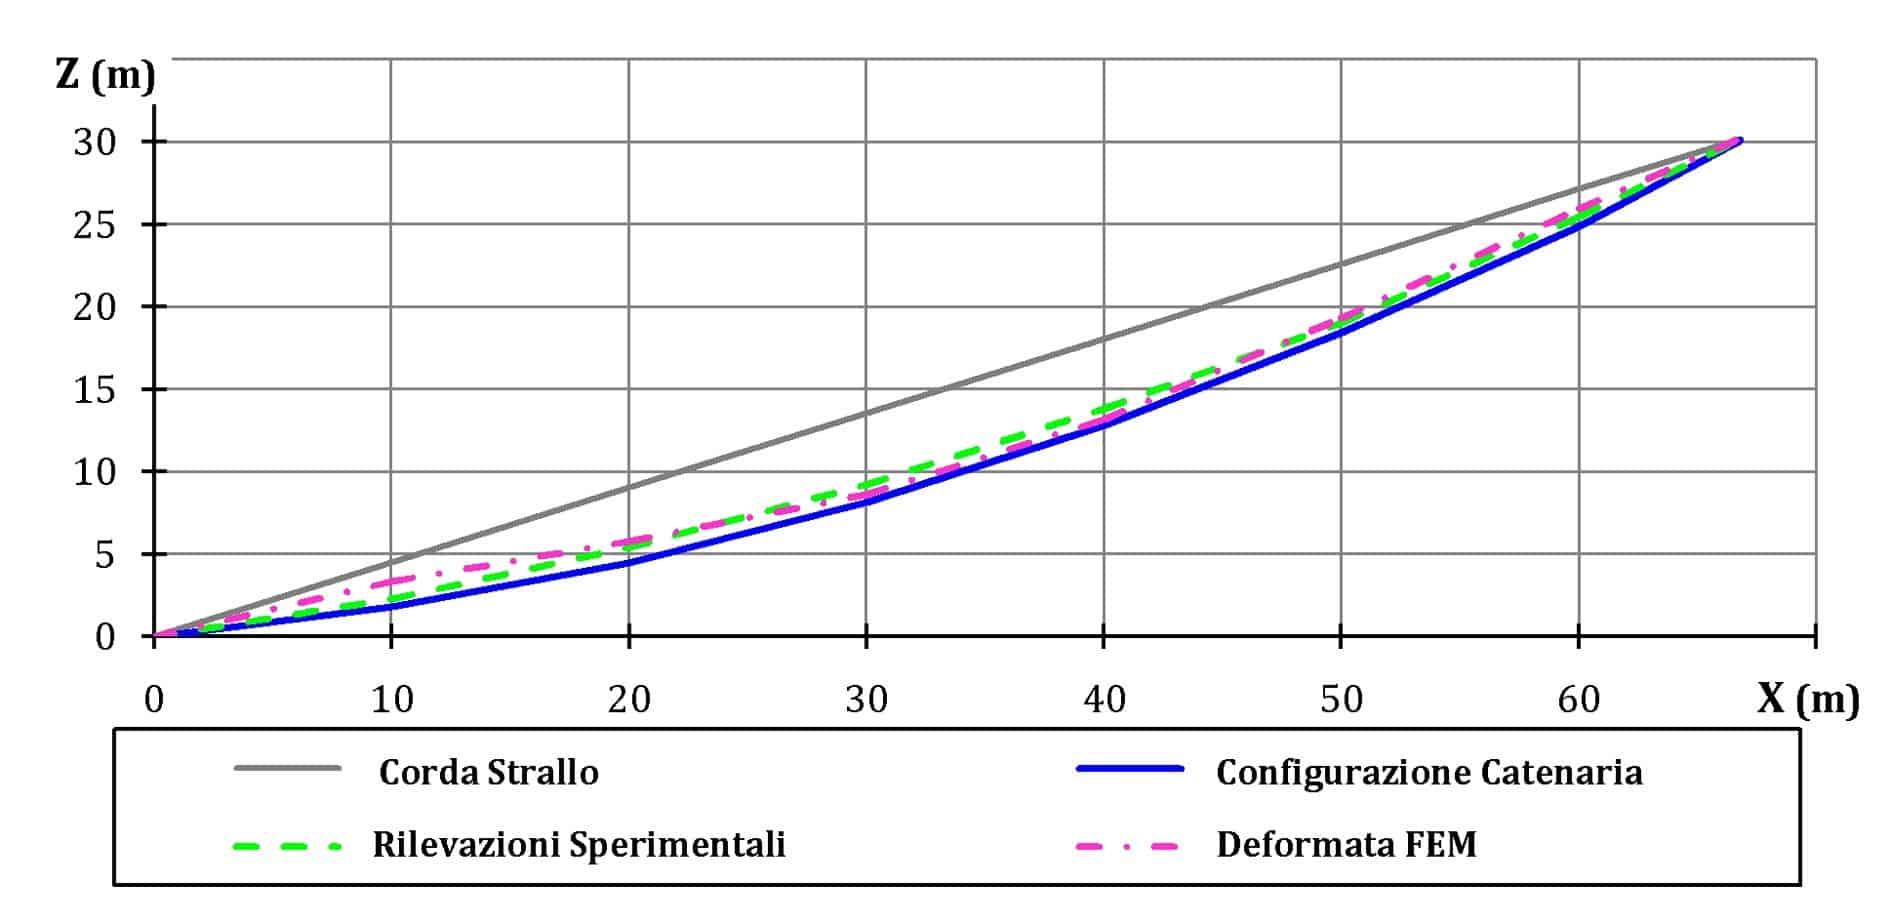 Il confronto delle configurazioni deformate